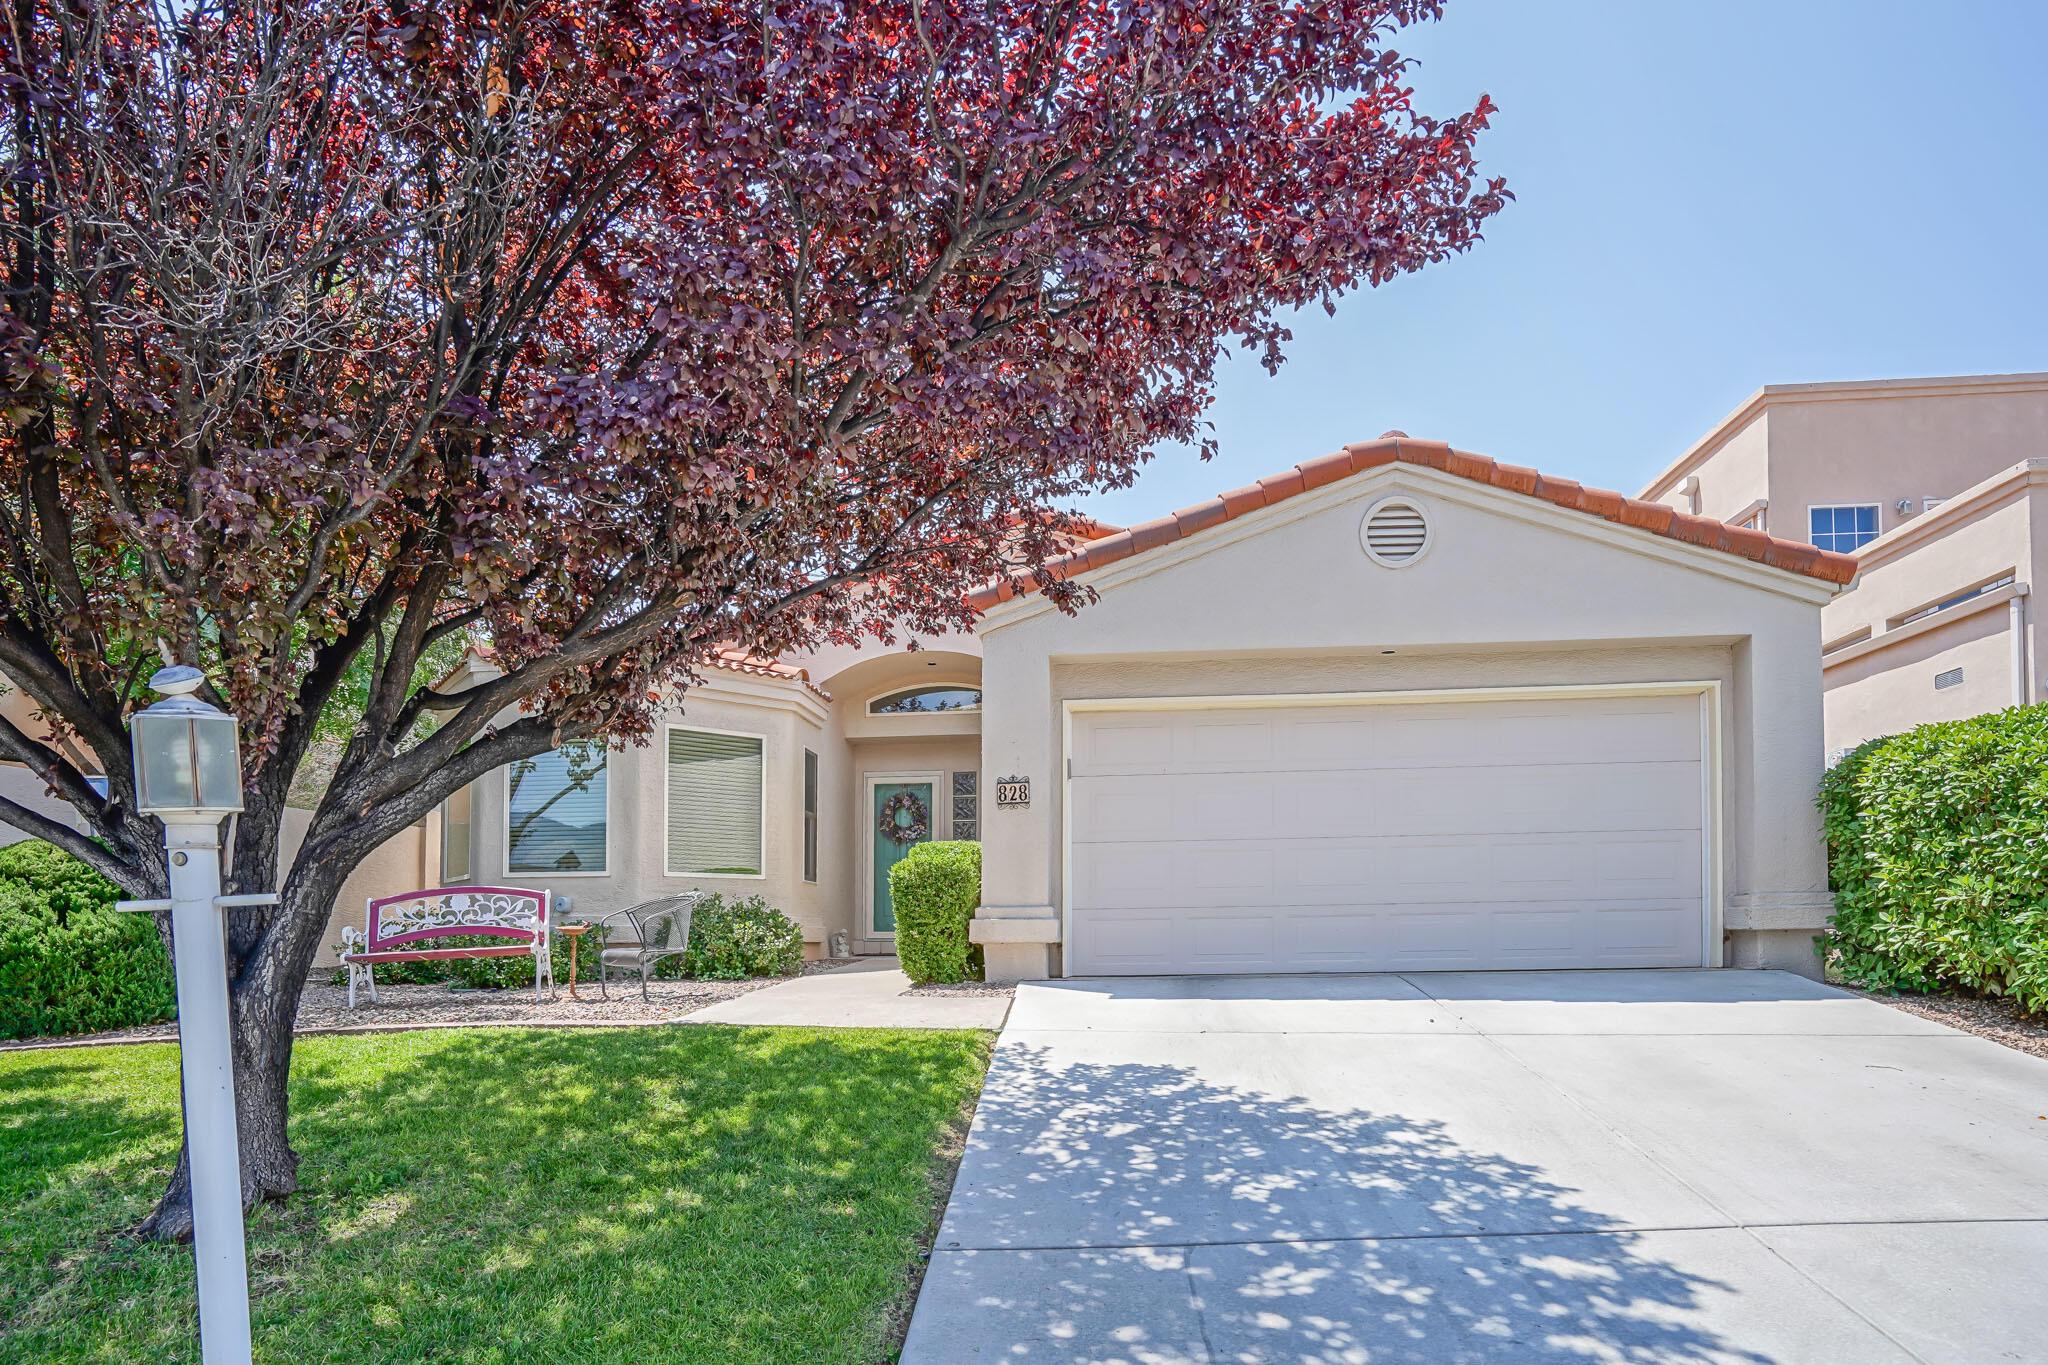 828 CALLE CORONADO, Albuquerque NM 87123